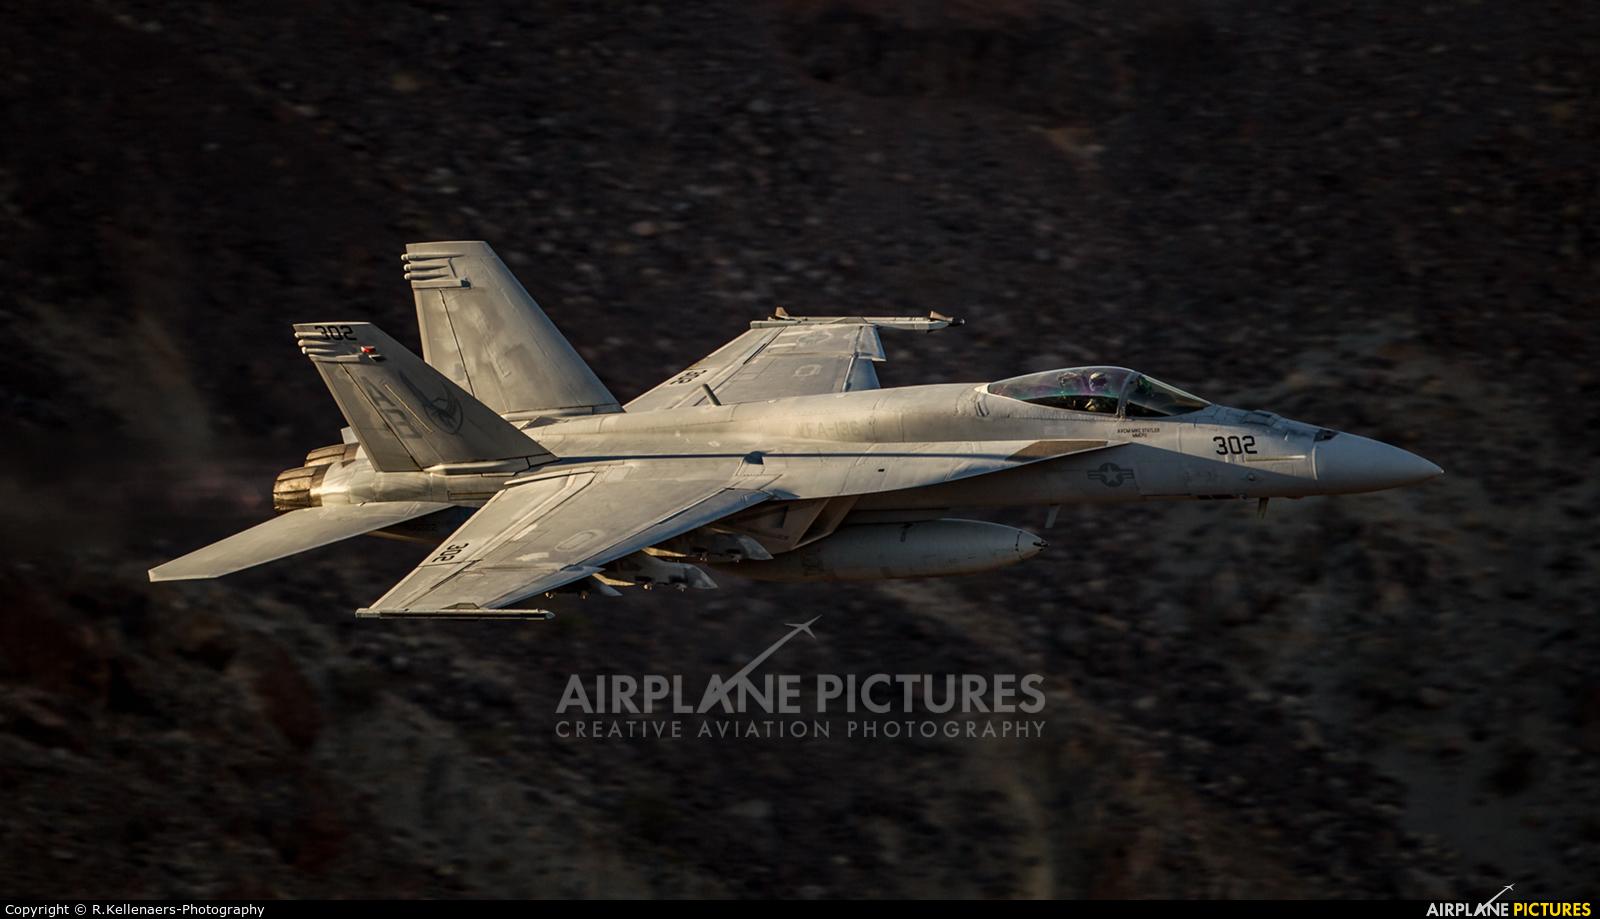 USA - Navy 166822 aircraft at Rainbow Canyon - Off Airport